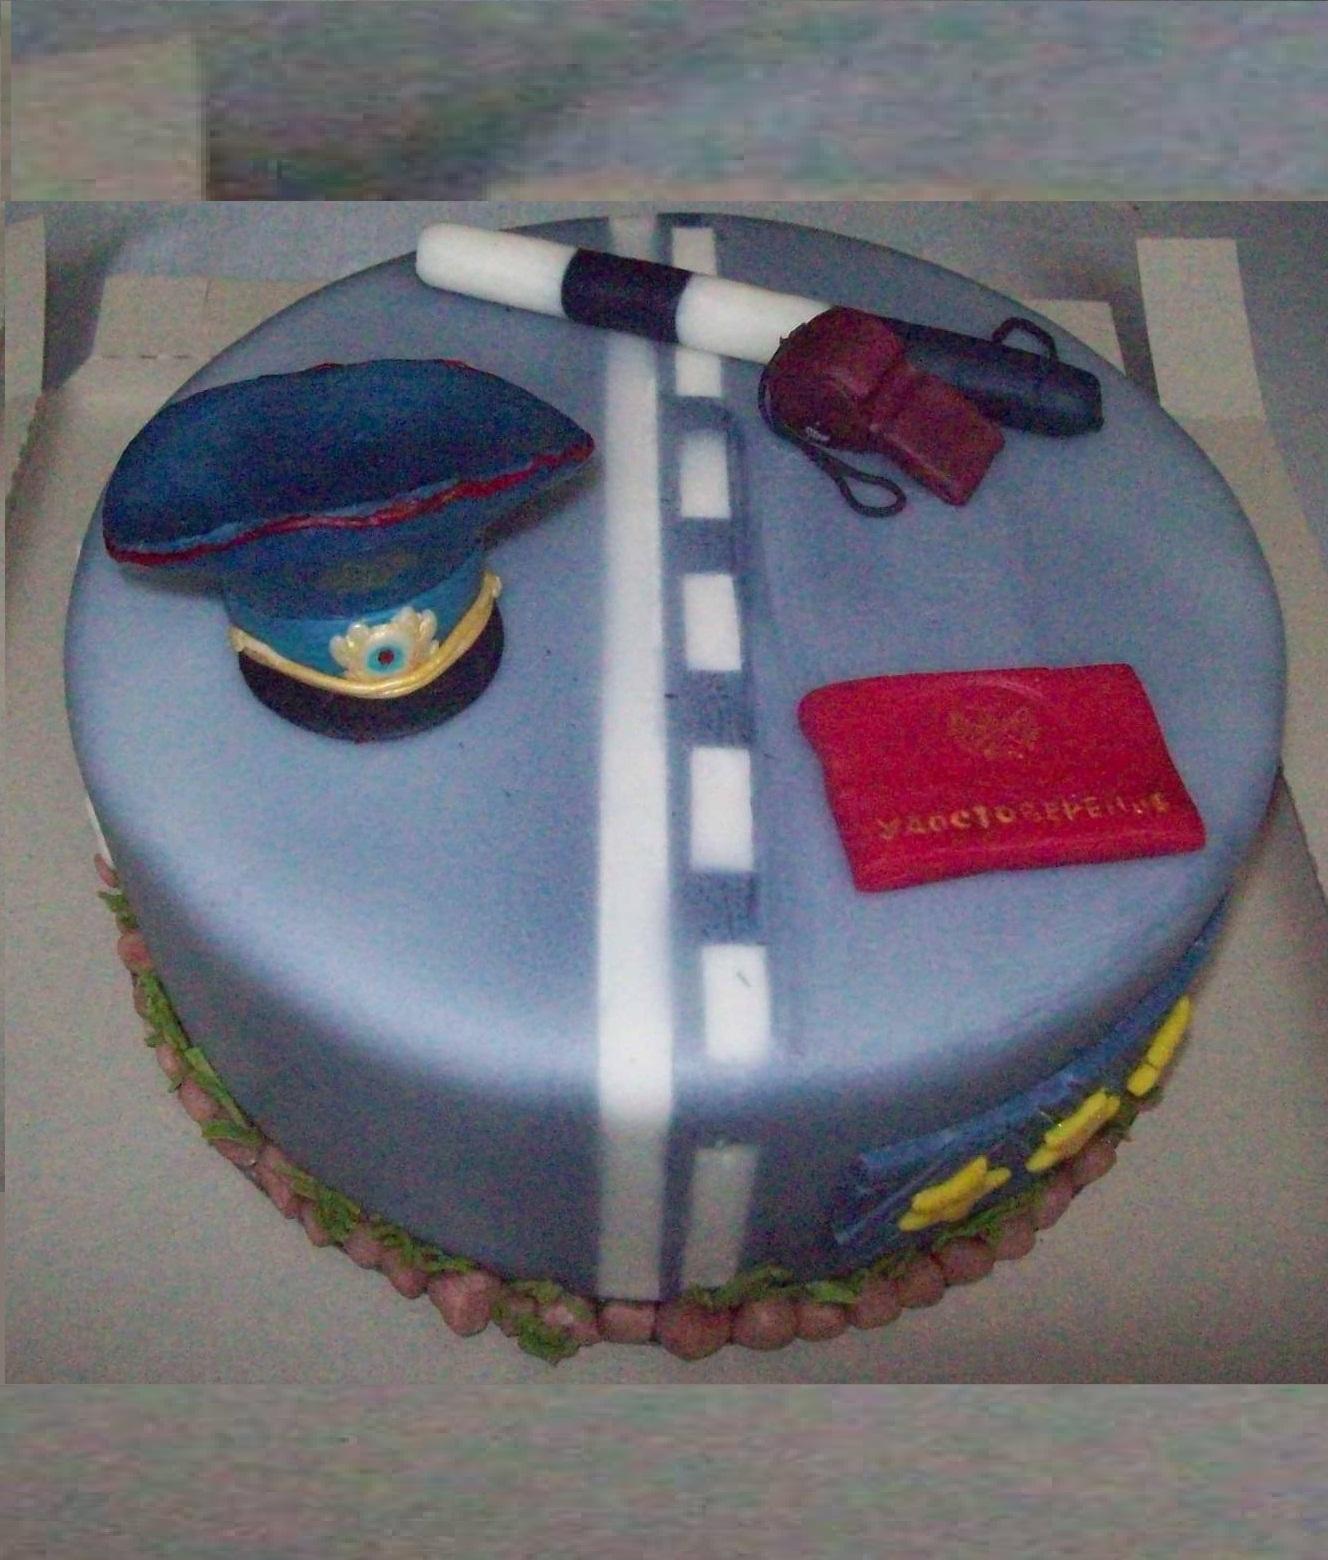 Картинки старший лейтенант полиции гибдд для торта